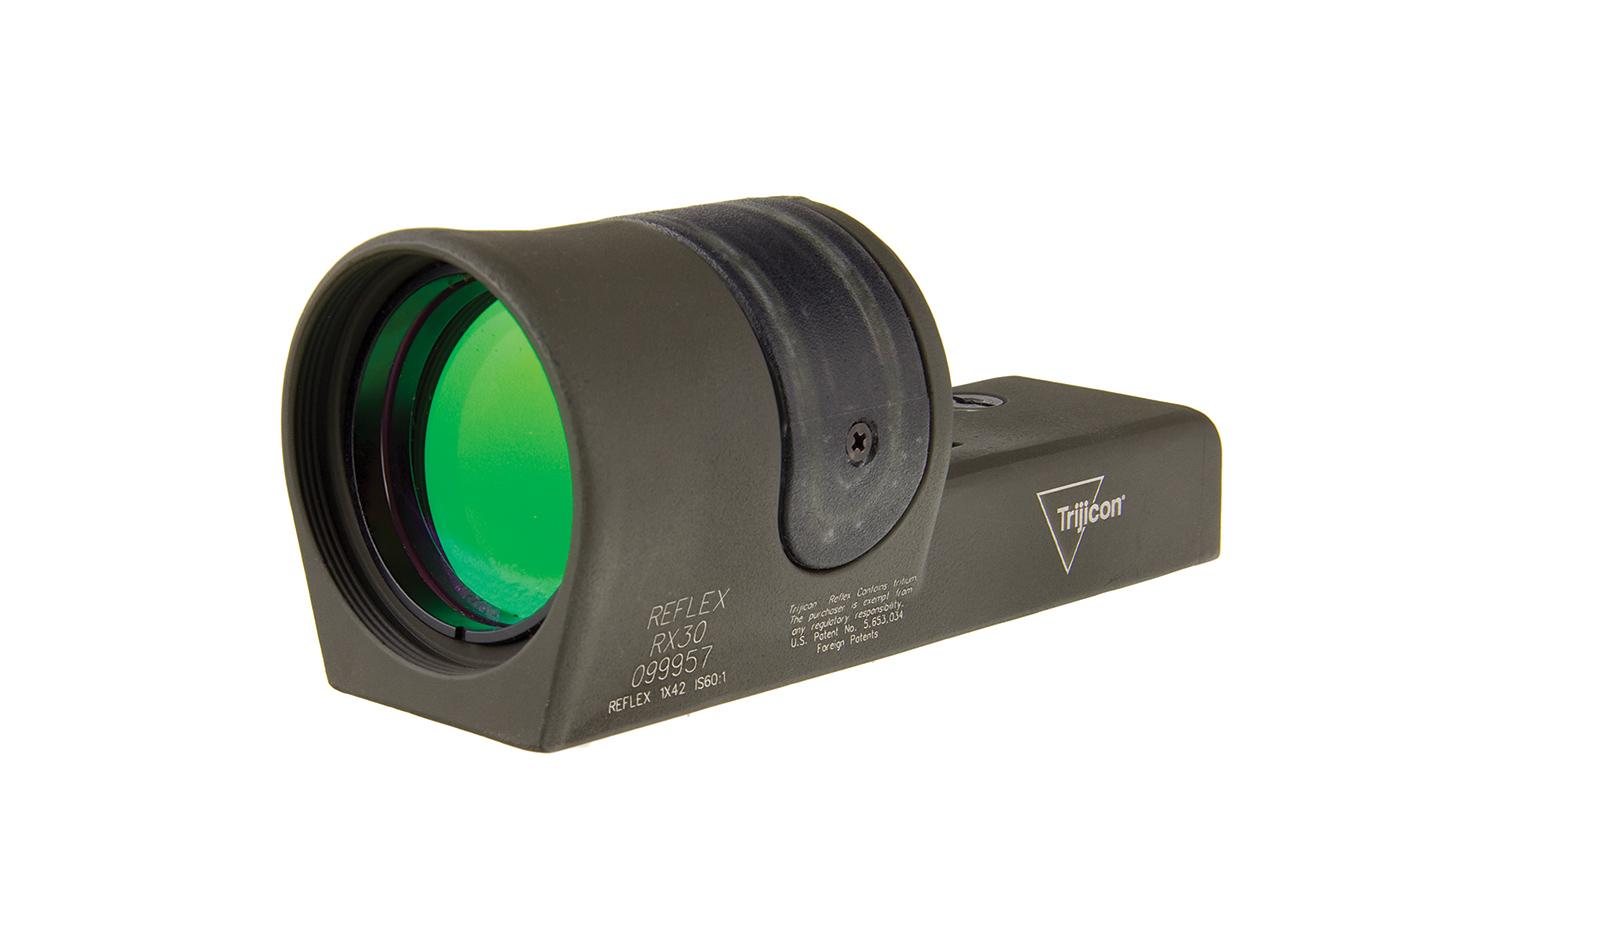 RX30-C-800066 angle 1